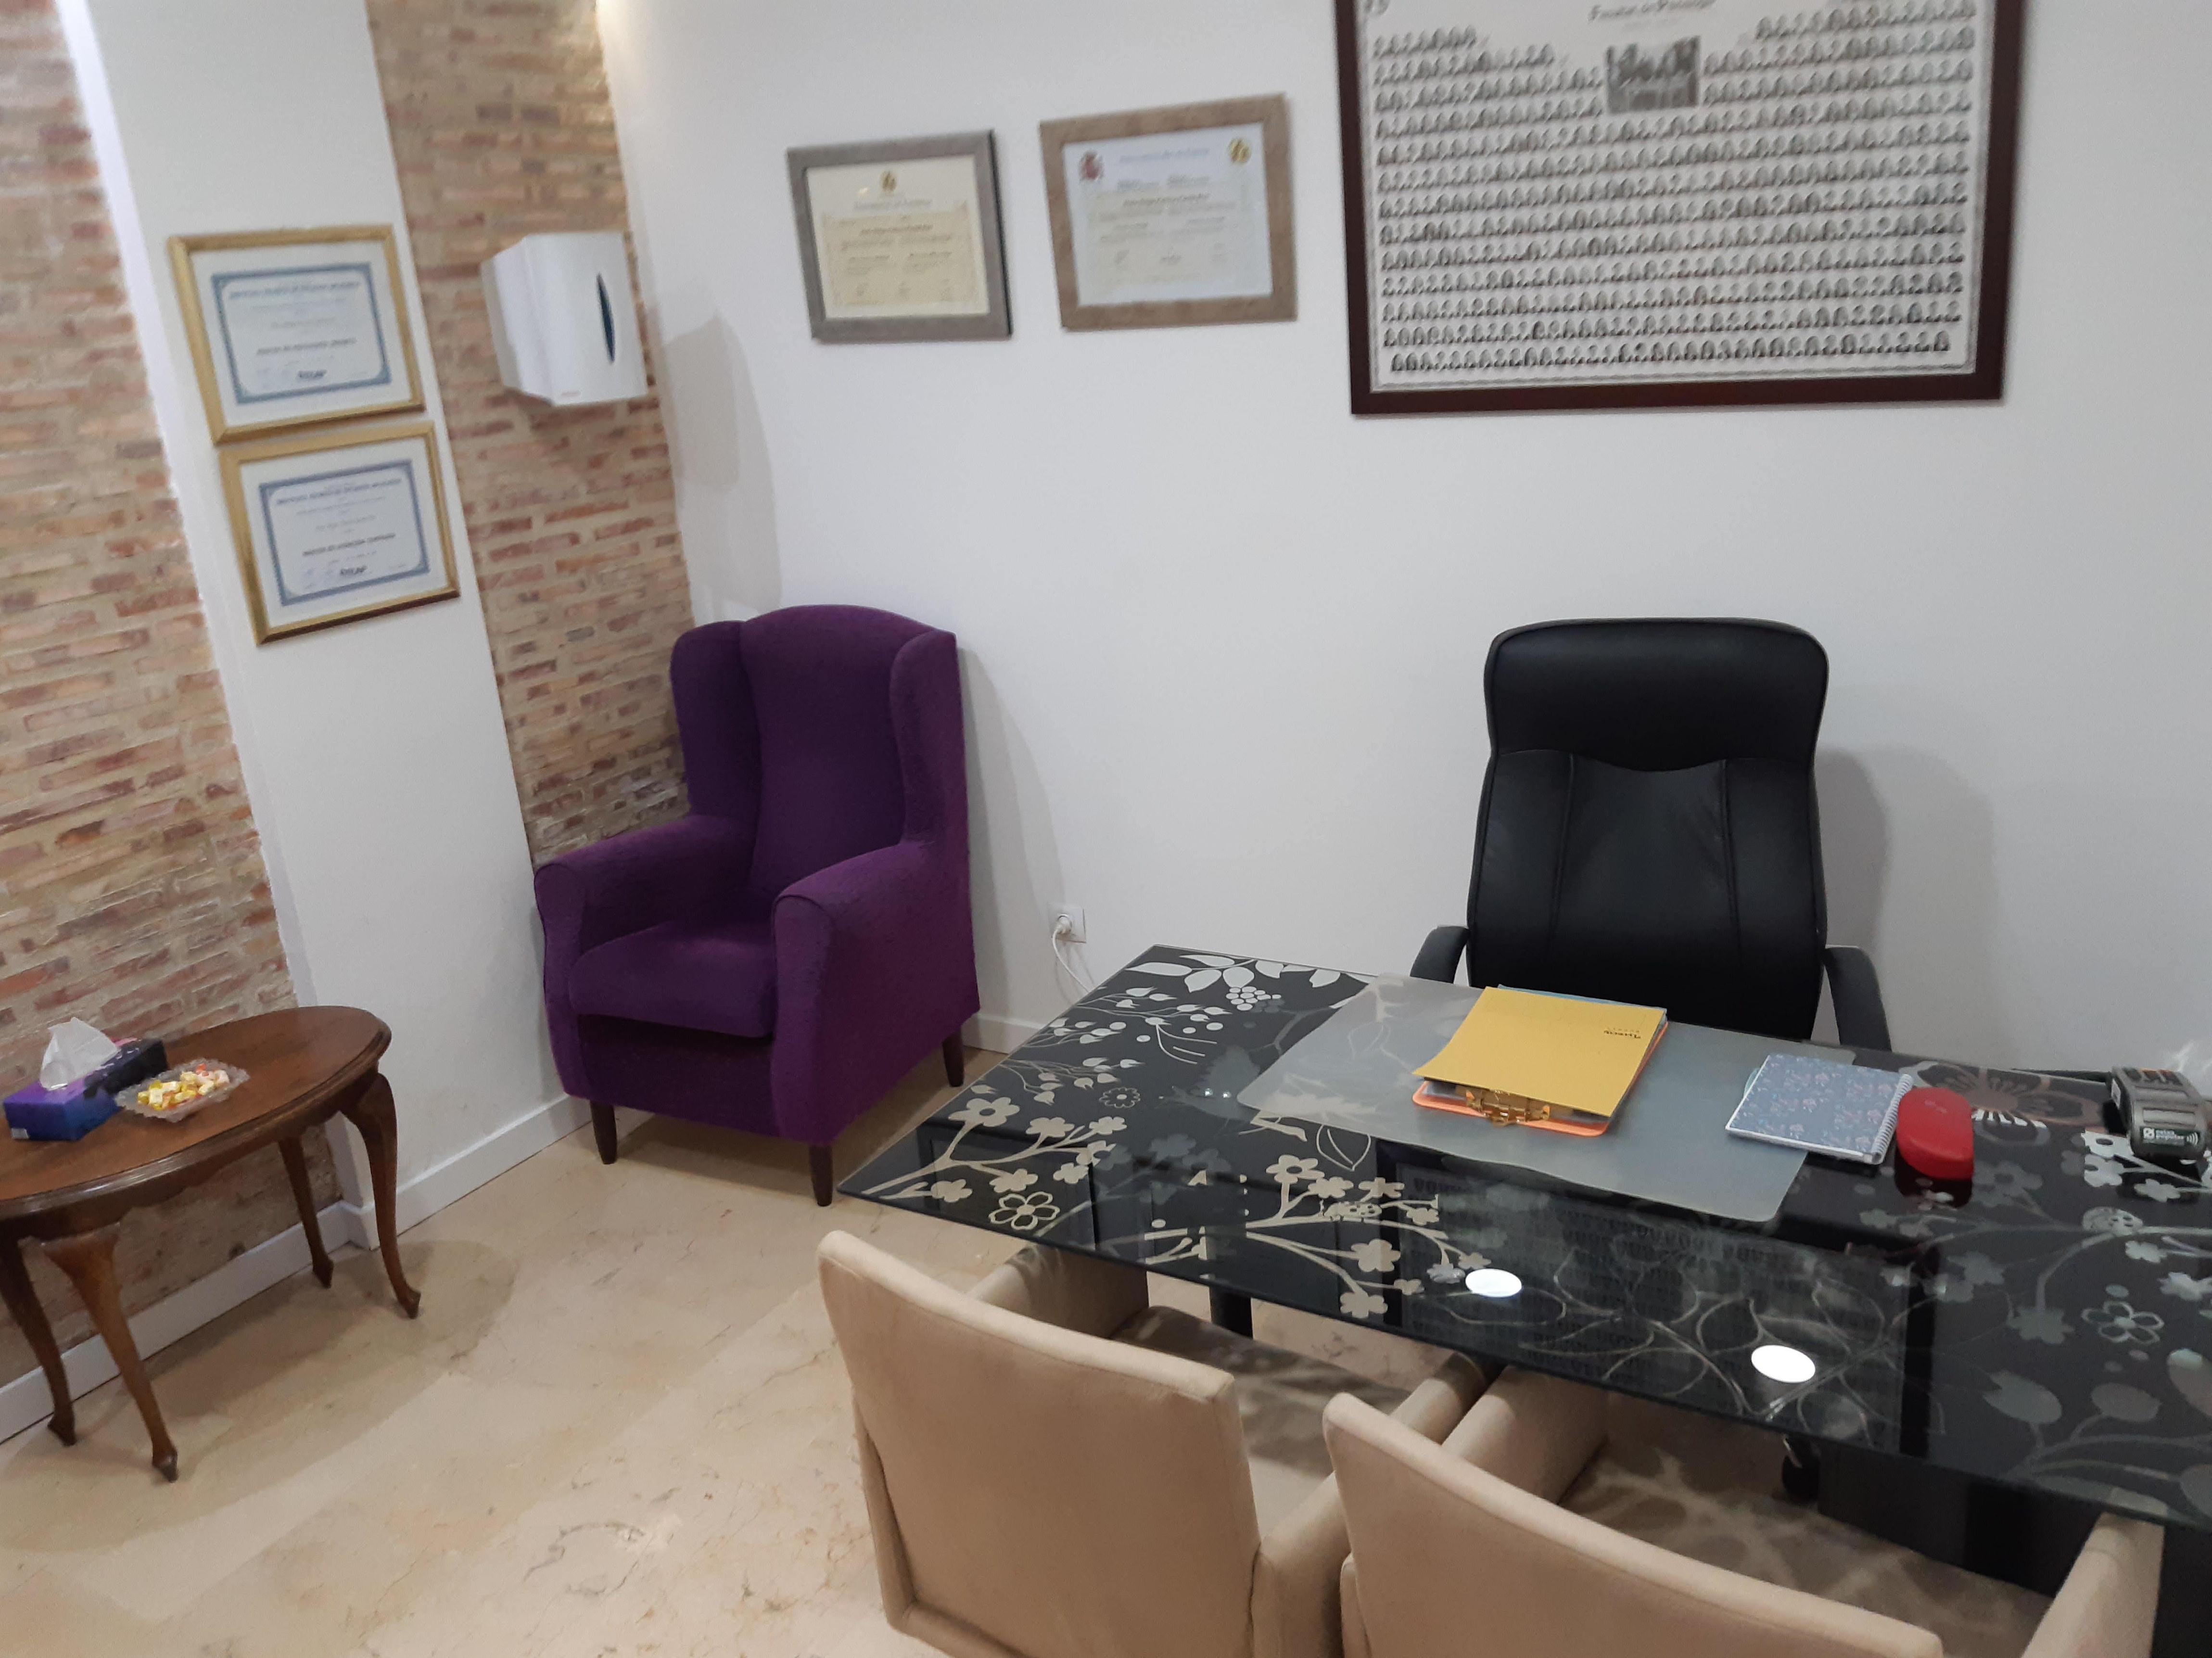 Psicologo de parejas en Valencia